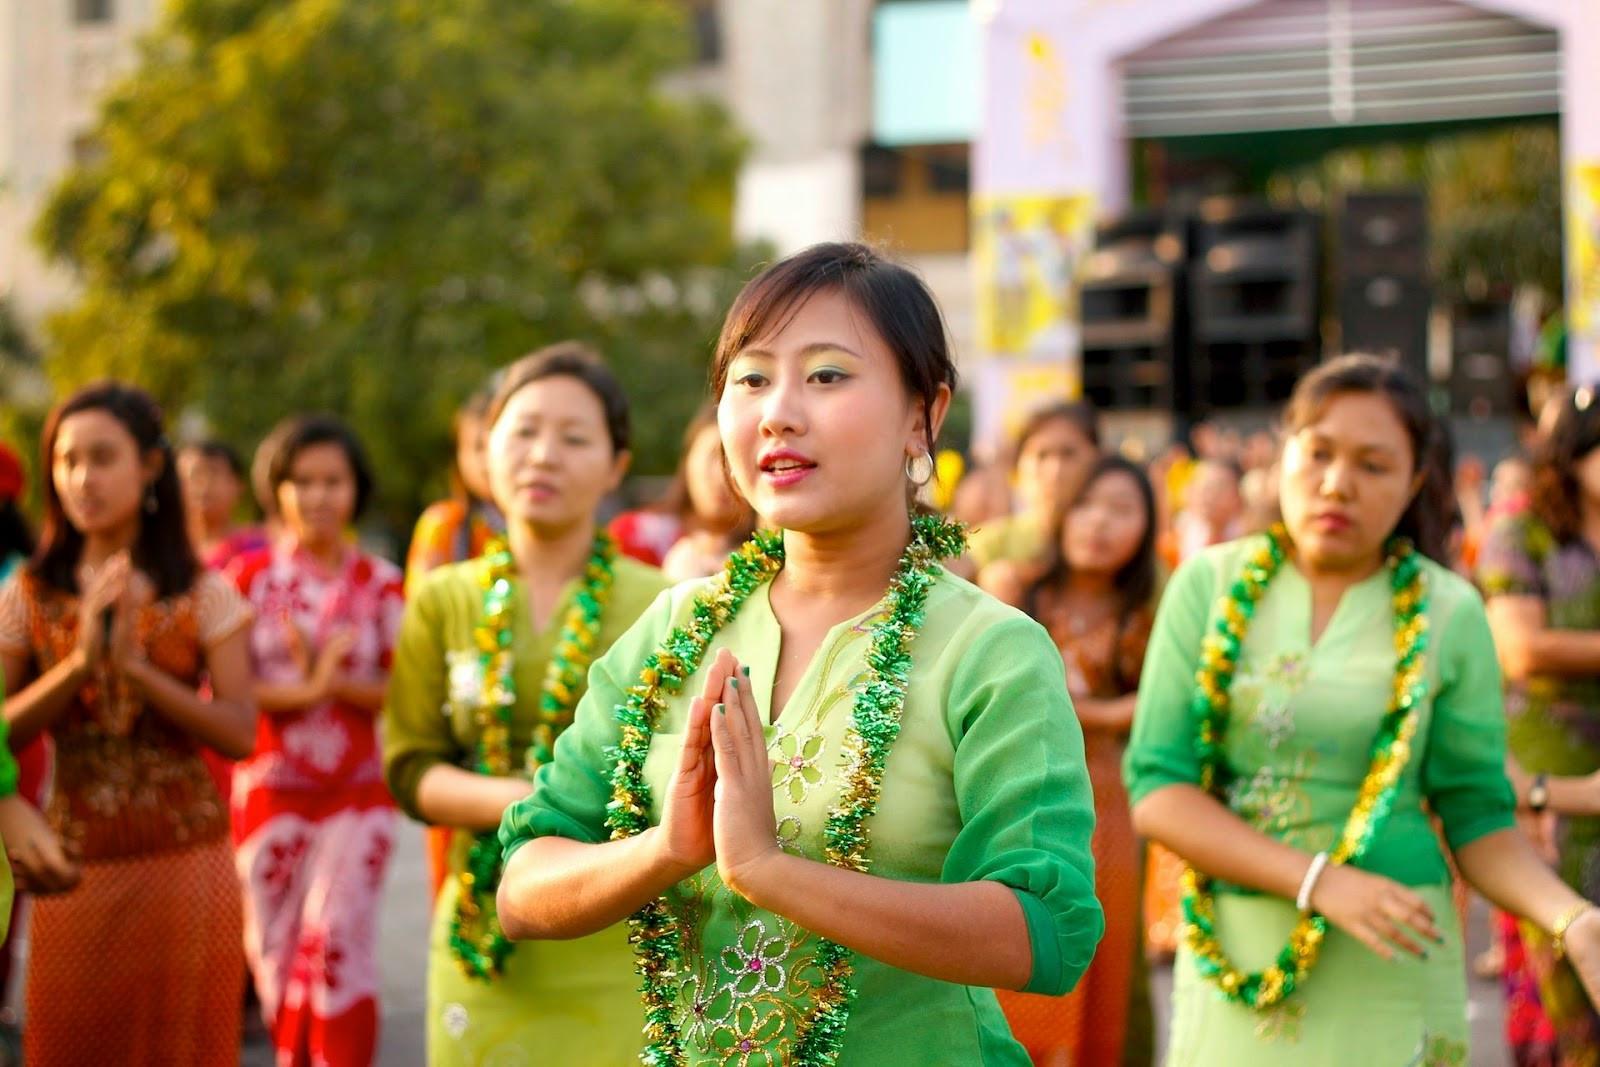 Празднование Нового года вМьянме забрало 285 жизней